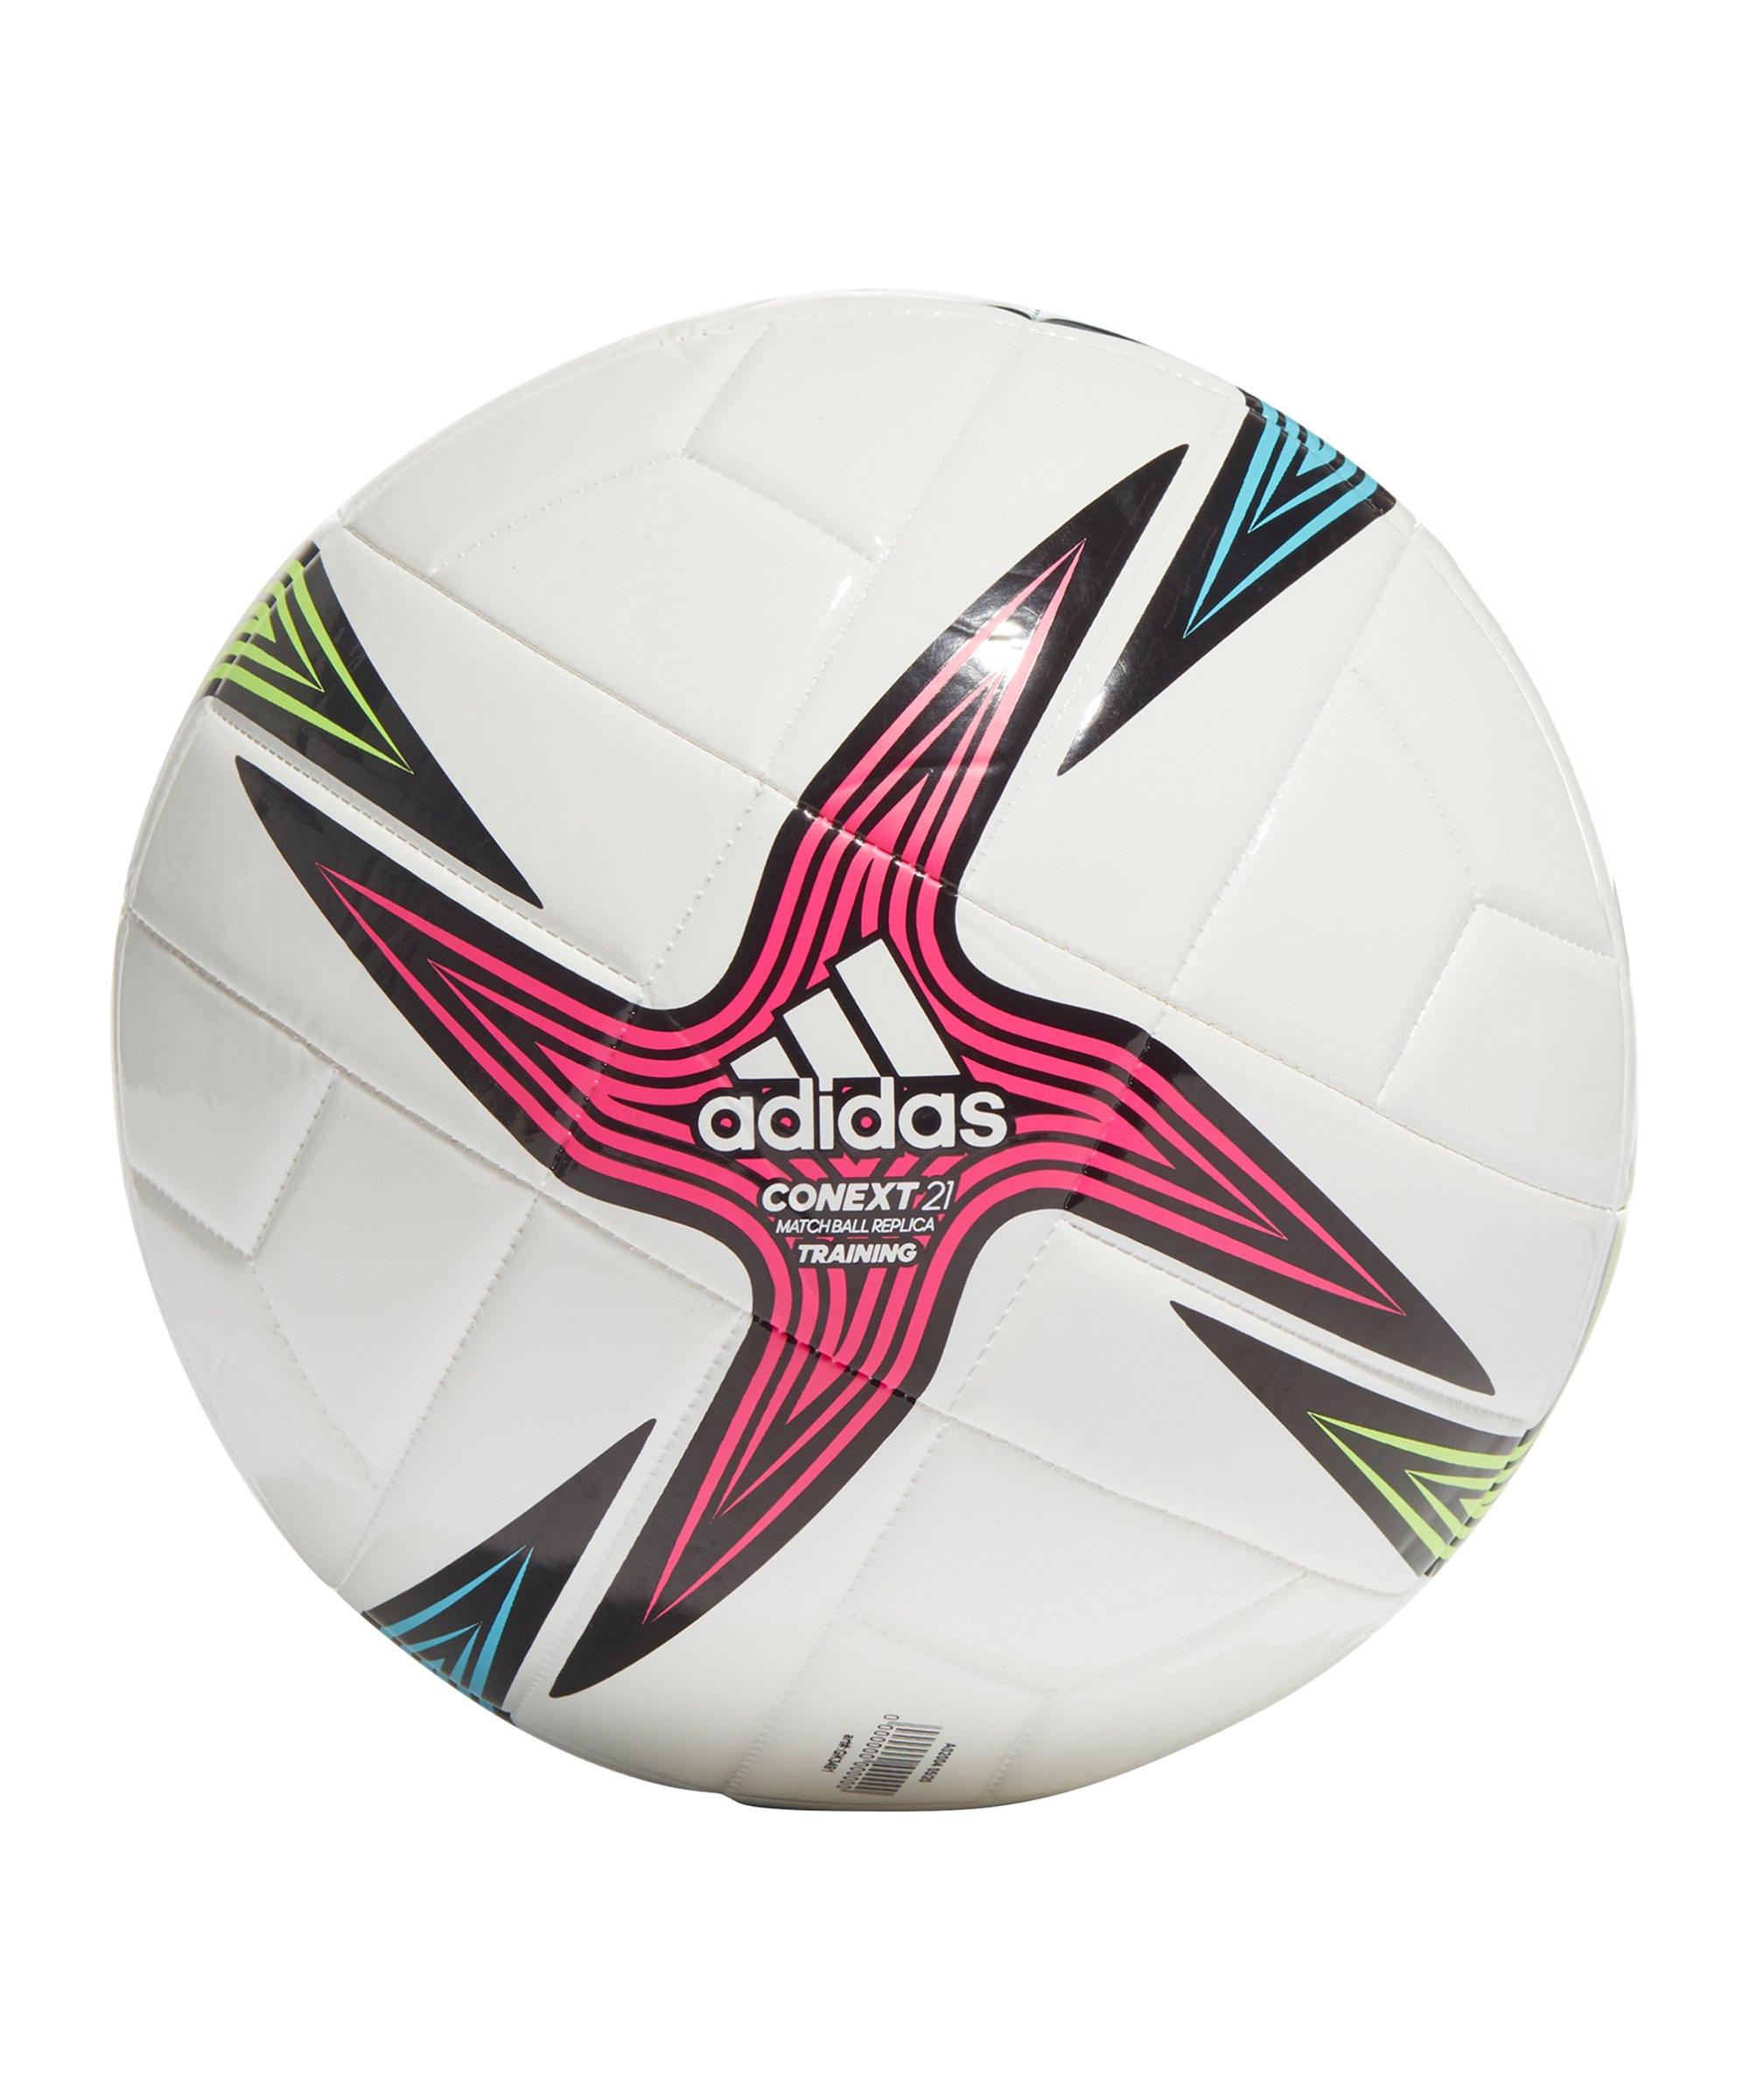 adidas Conext 21 TRN Trainingsball Weiss - weiss